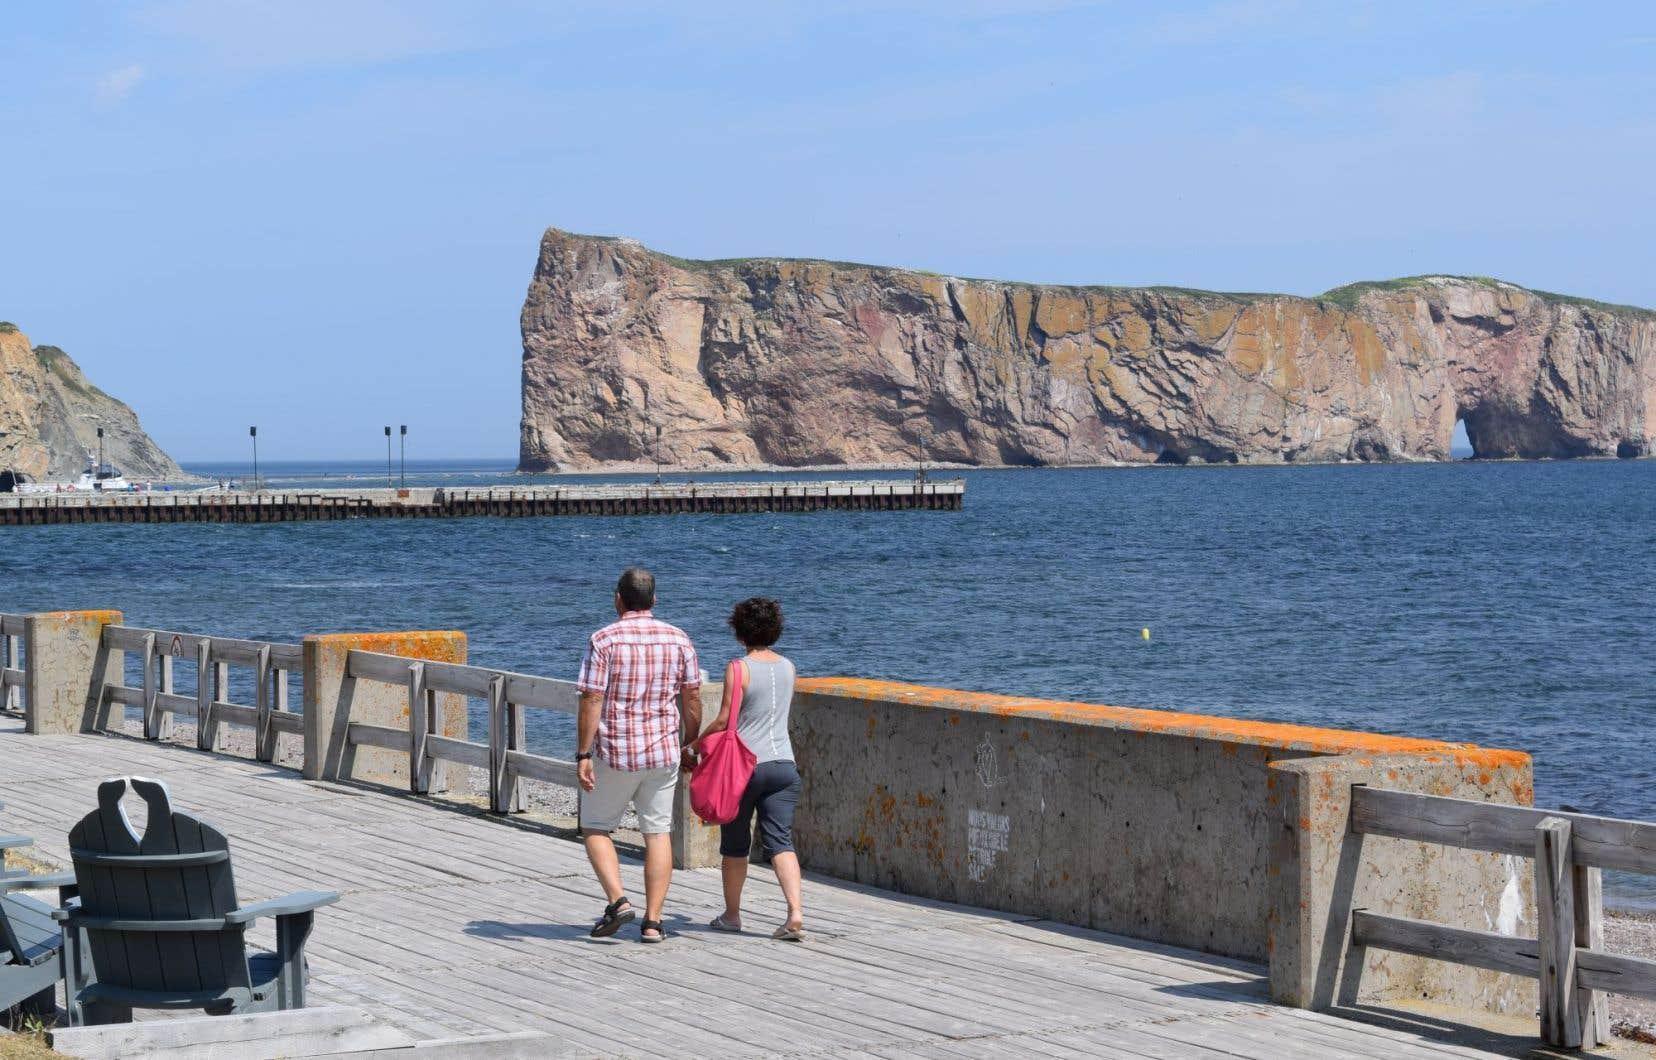 Des tempêtes, des vents et de fortes marées ont causé des dégâts en Gaspésie cette semaine, endommageant notamment le quai de Percé.